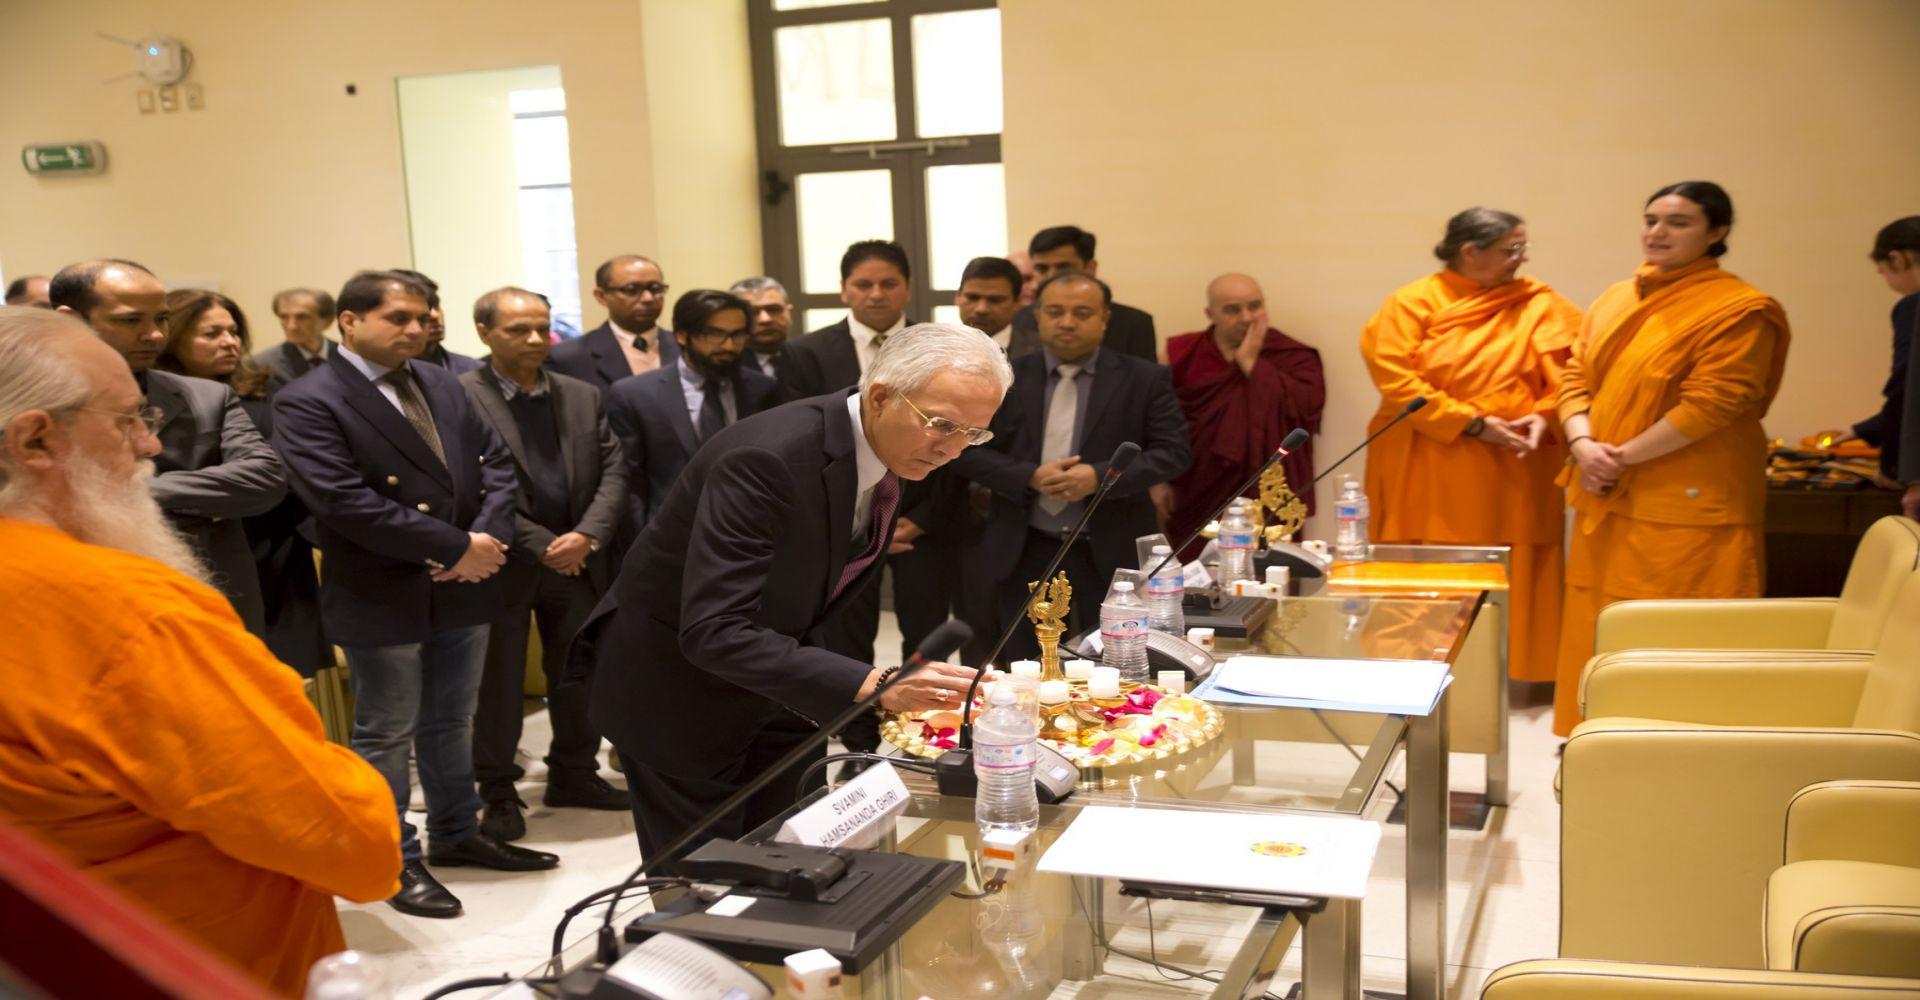 Dipavali al Senato - S.E. l'Ambasciatore dell'India a Roma, Basant K. Gupta